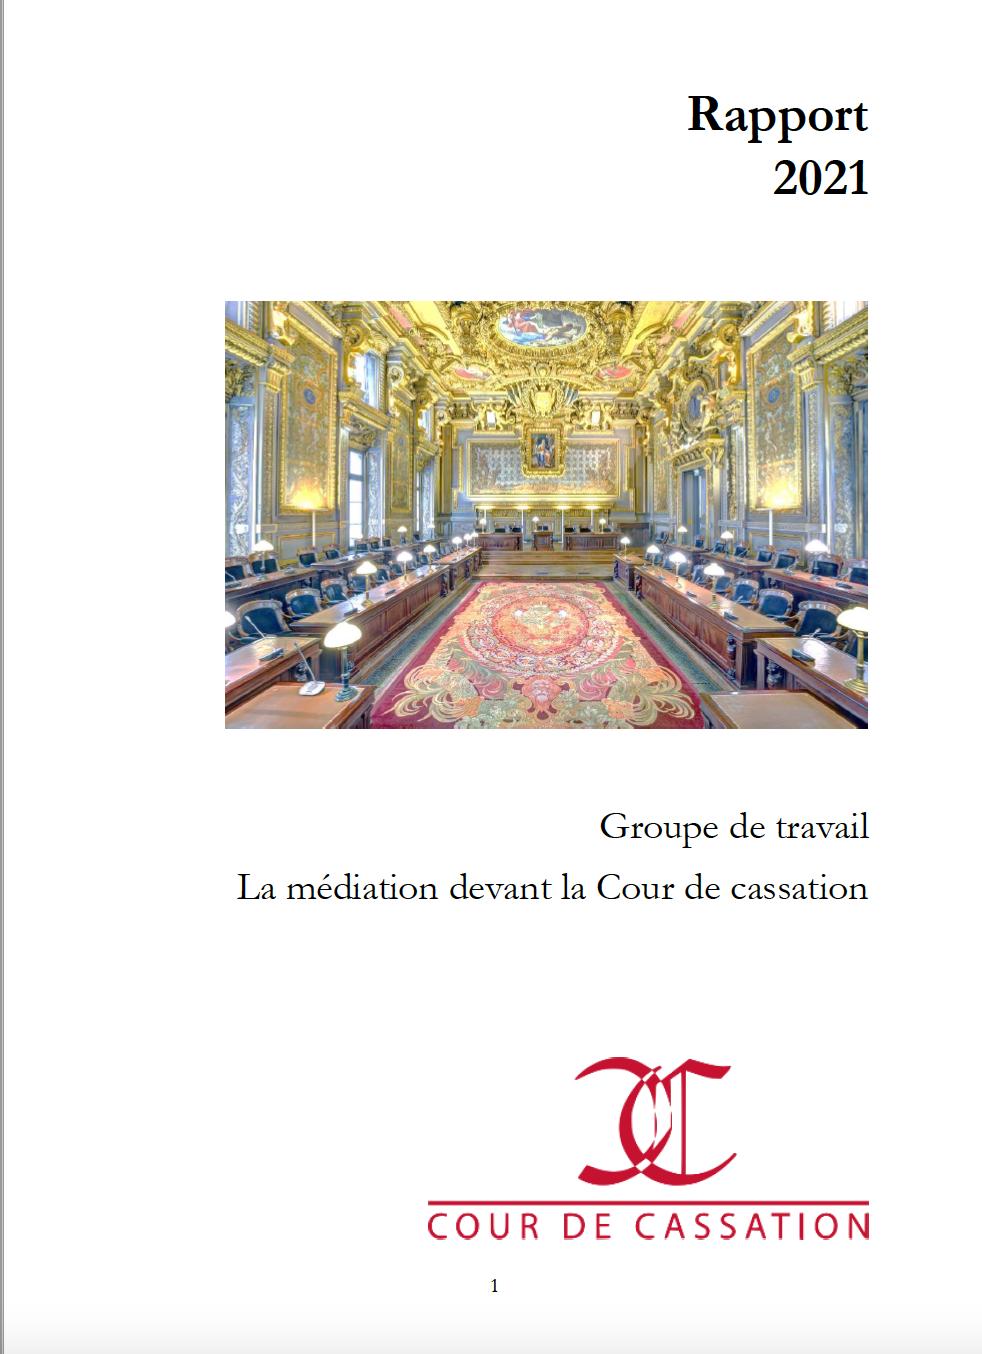 Rapport du Groupe de travail sur la Médiation de la Cour de cassation